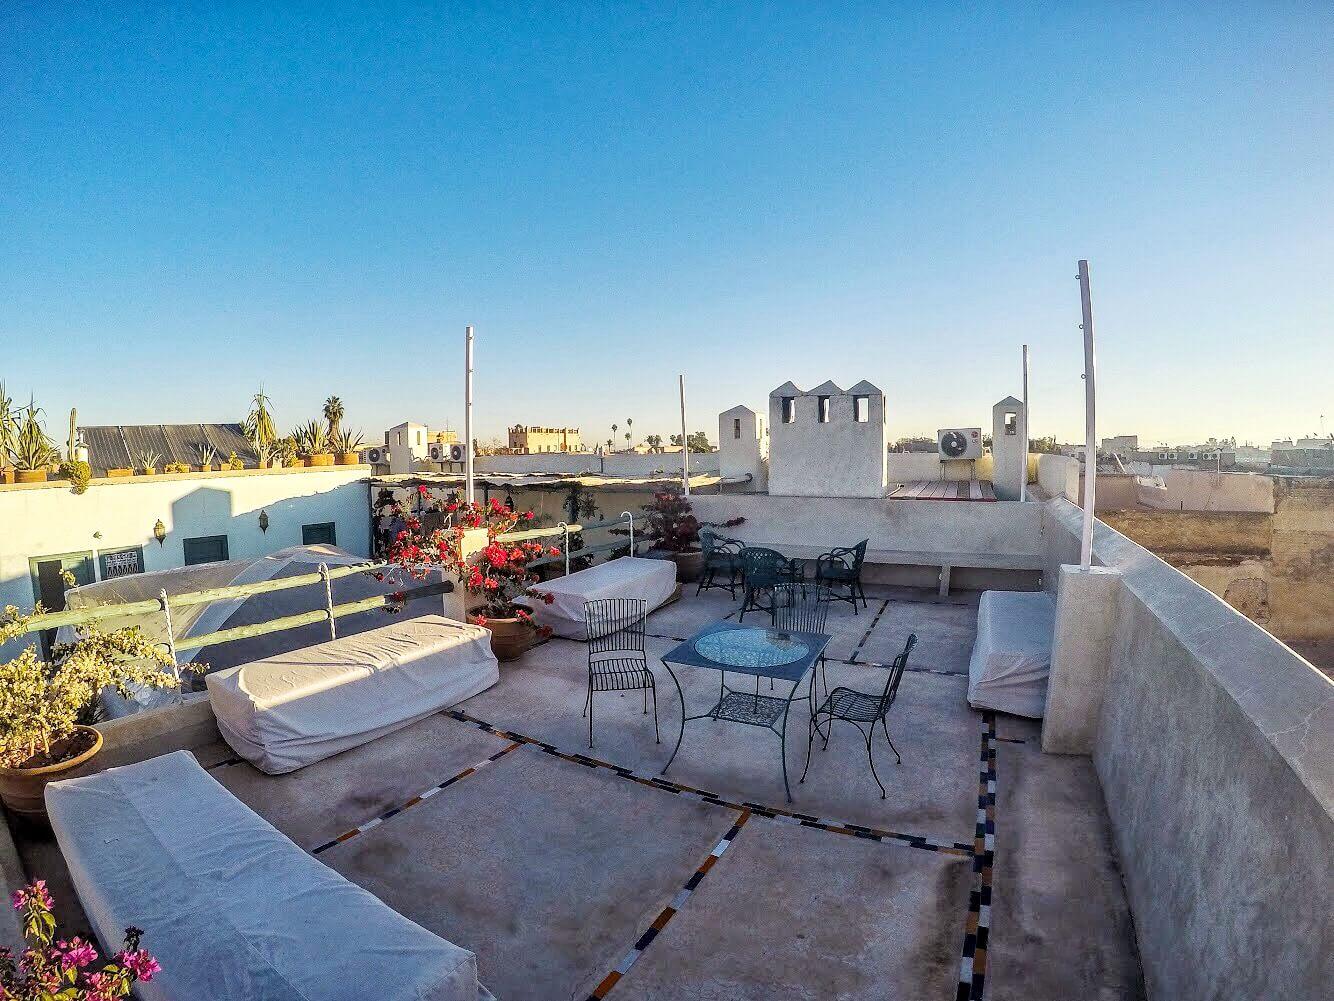 terrazza con tavolini e divani sul tetto di un Riad